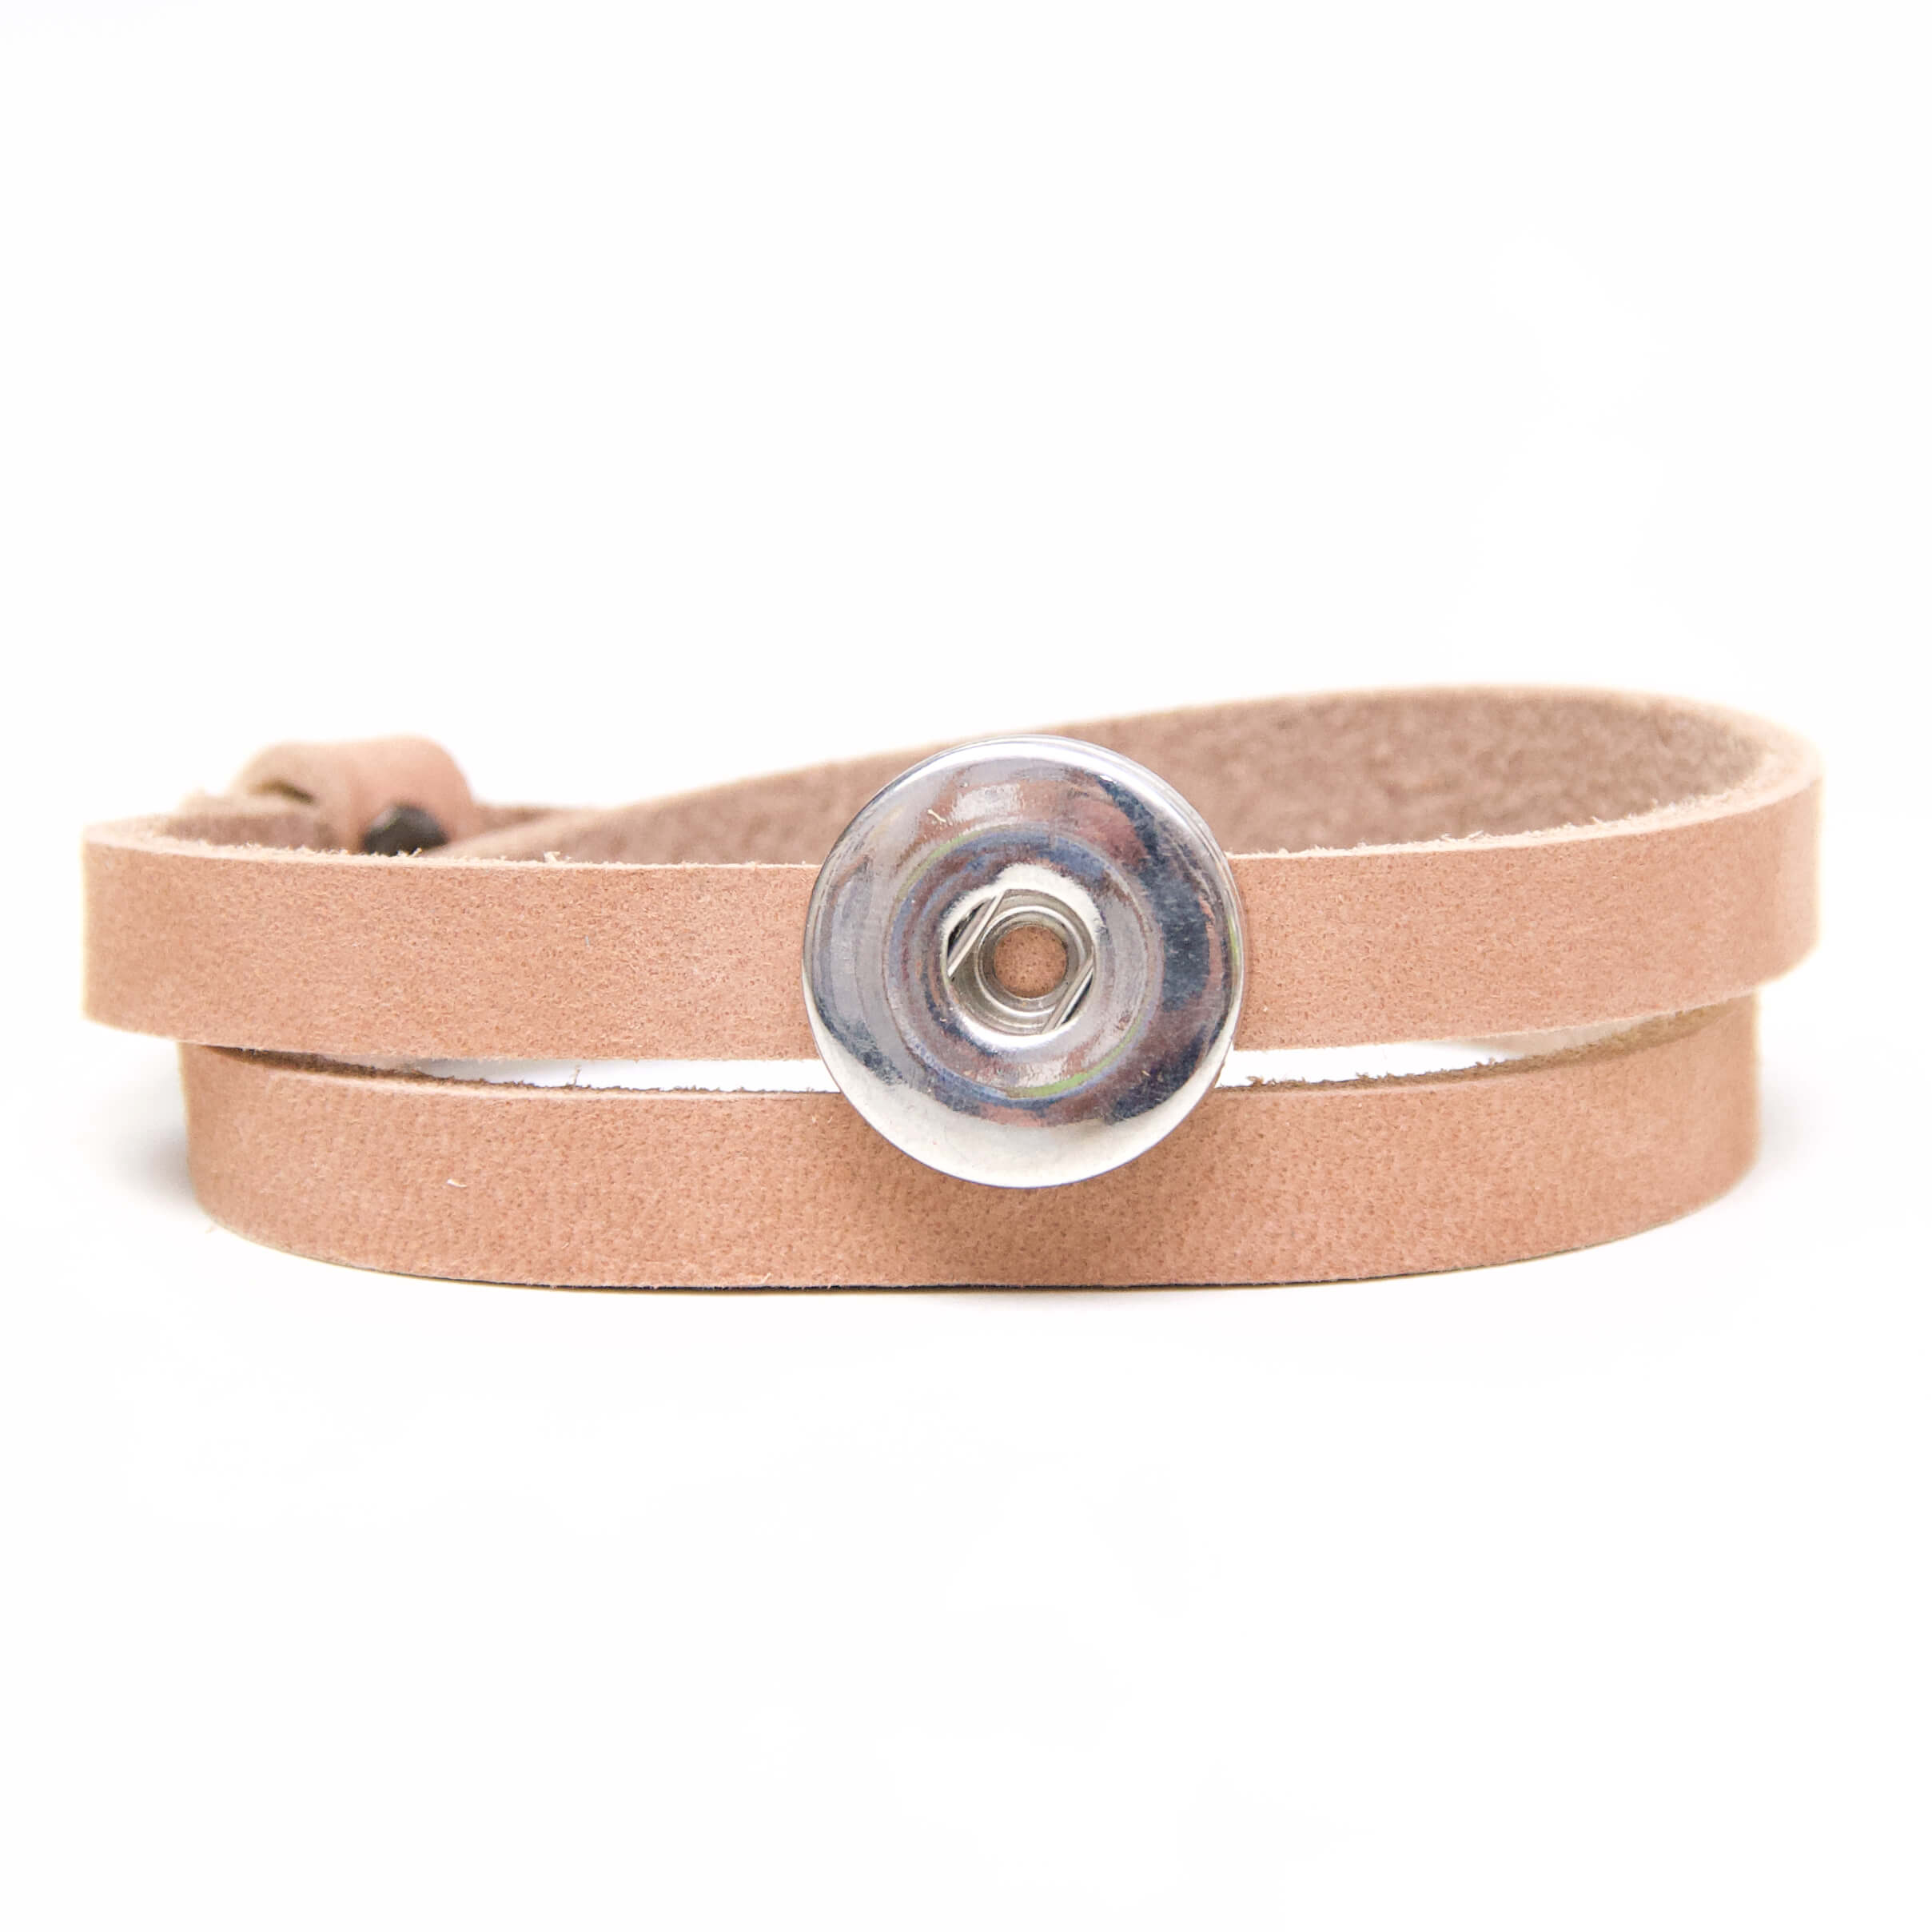 Druckknopf Lederarmband in sandstein für 16mm Druckknöpfe